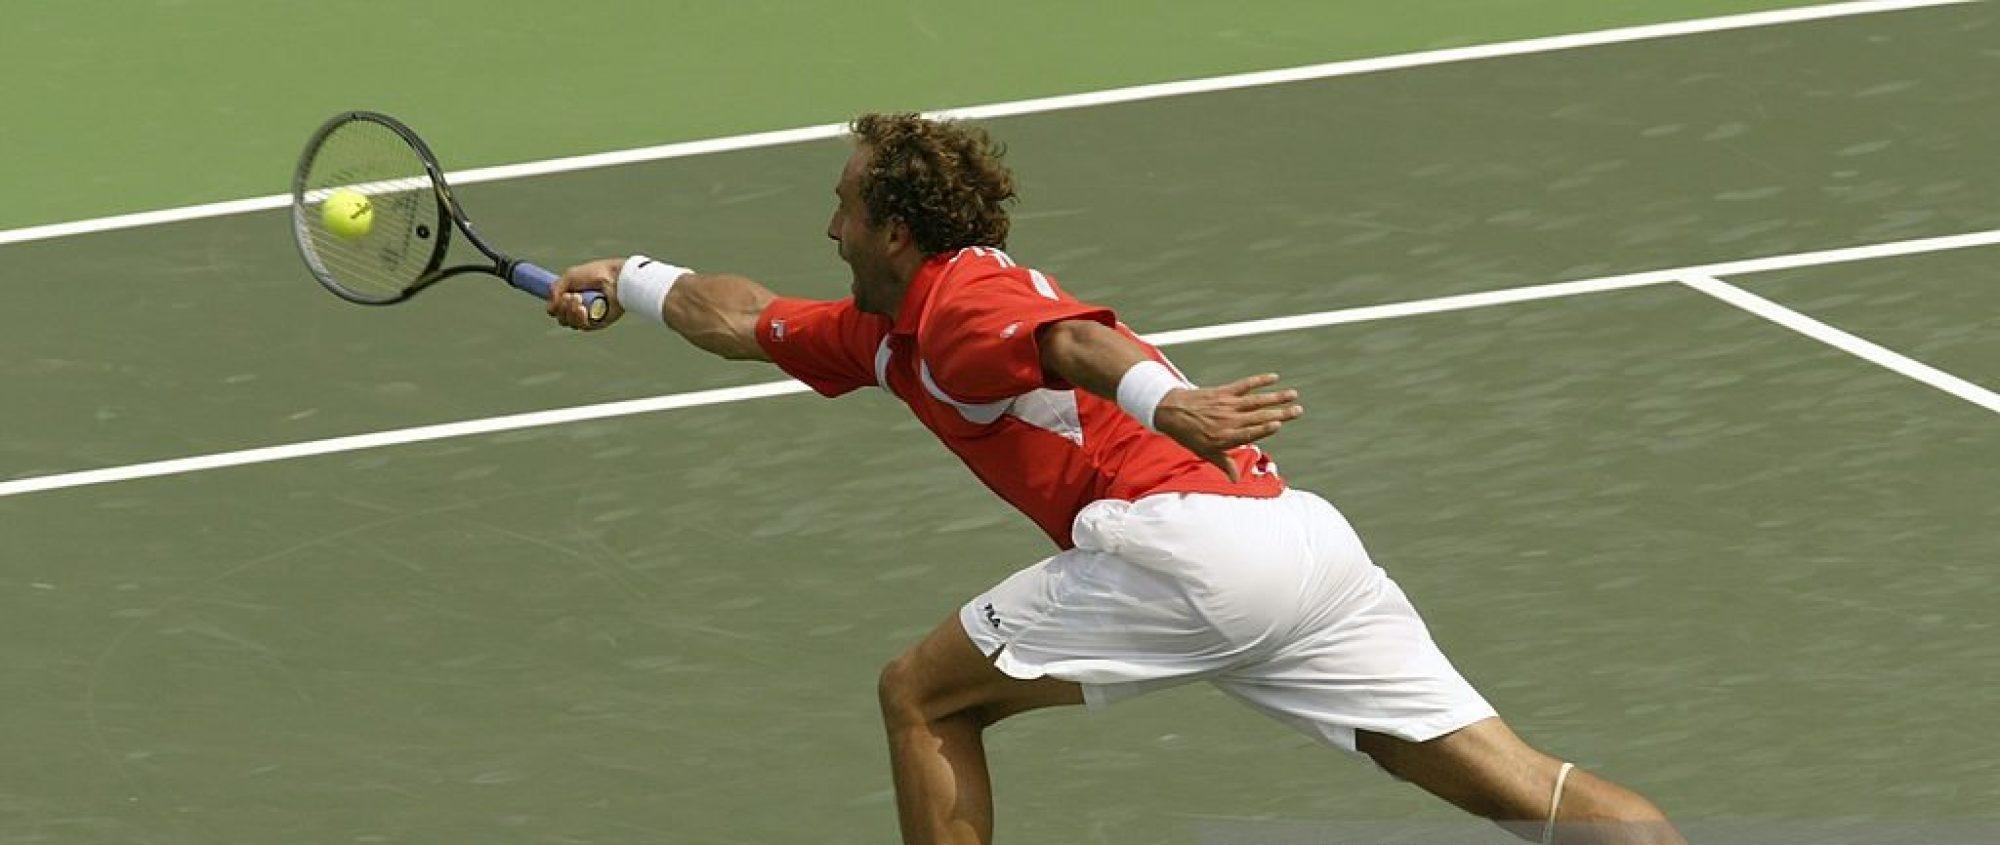 NICOLAS THOMANN TENNIS in BASEL